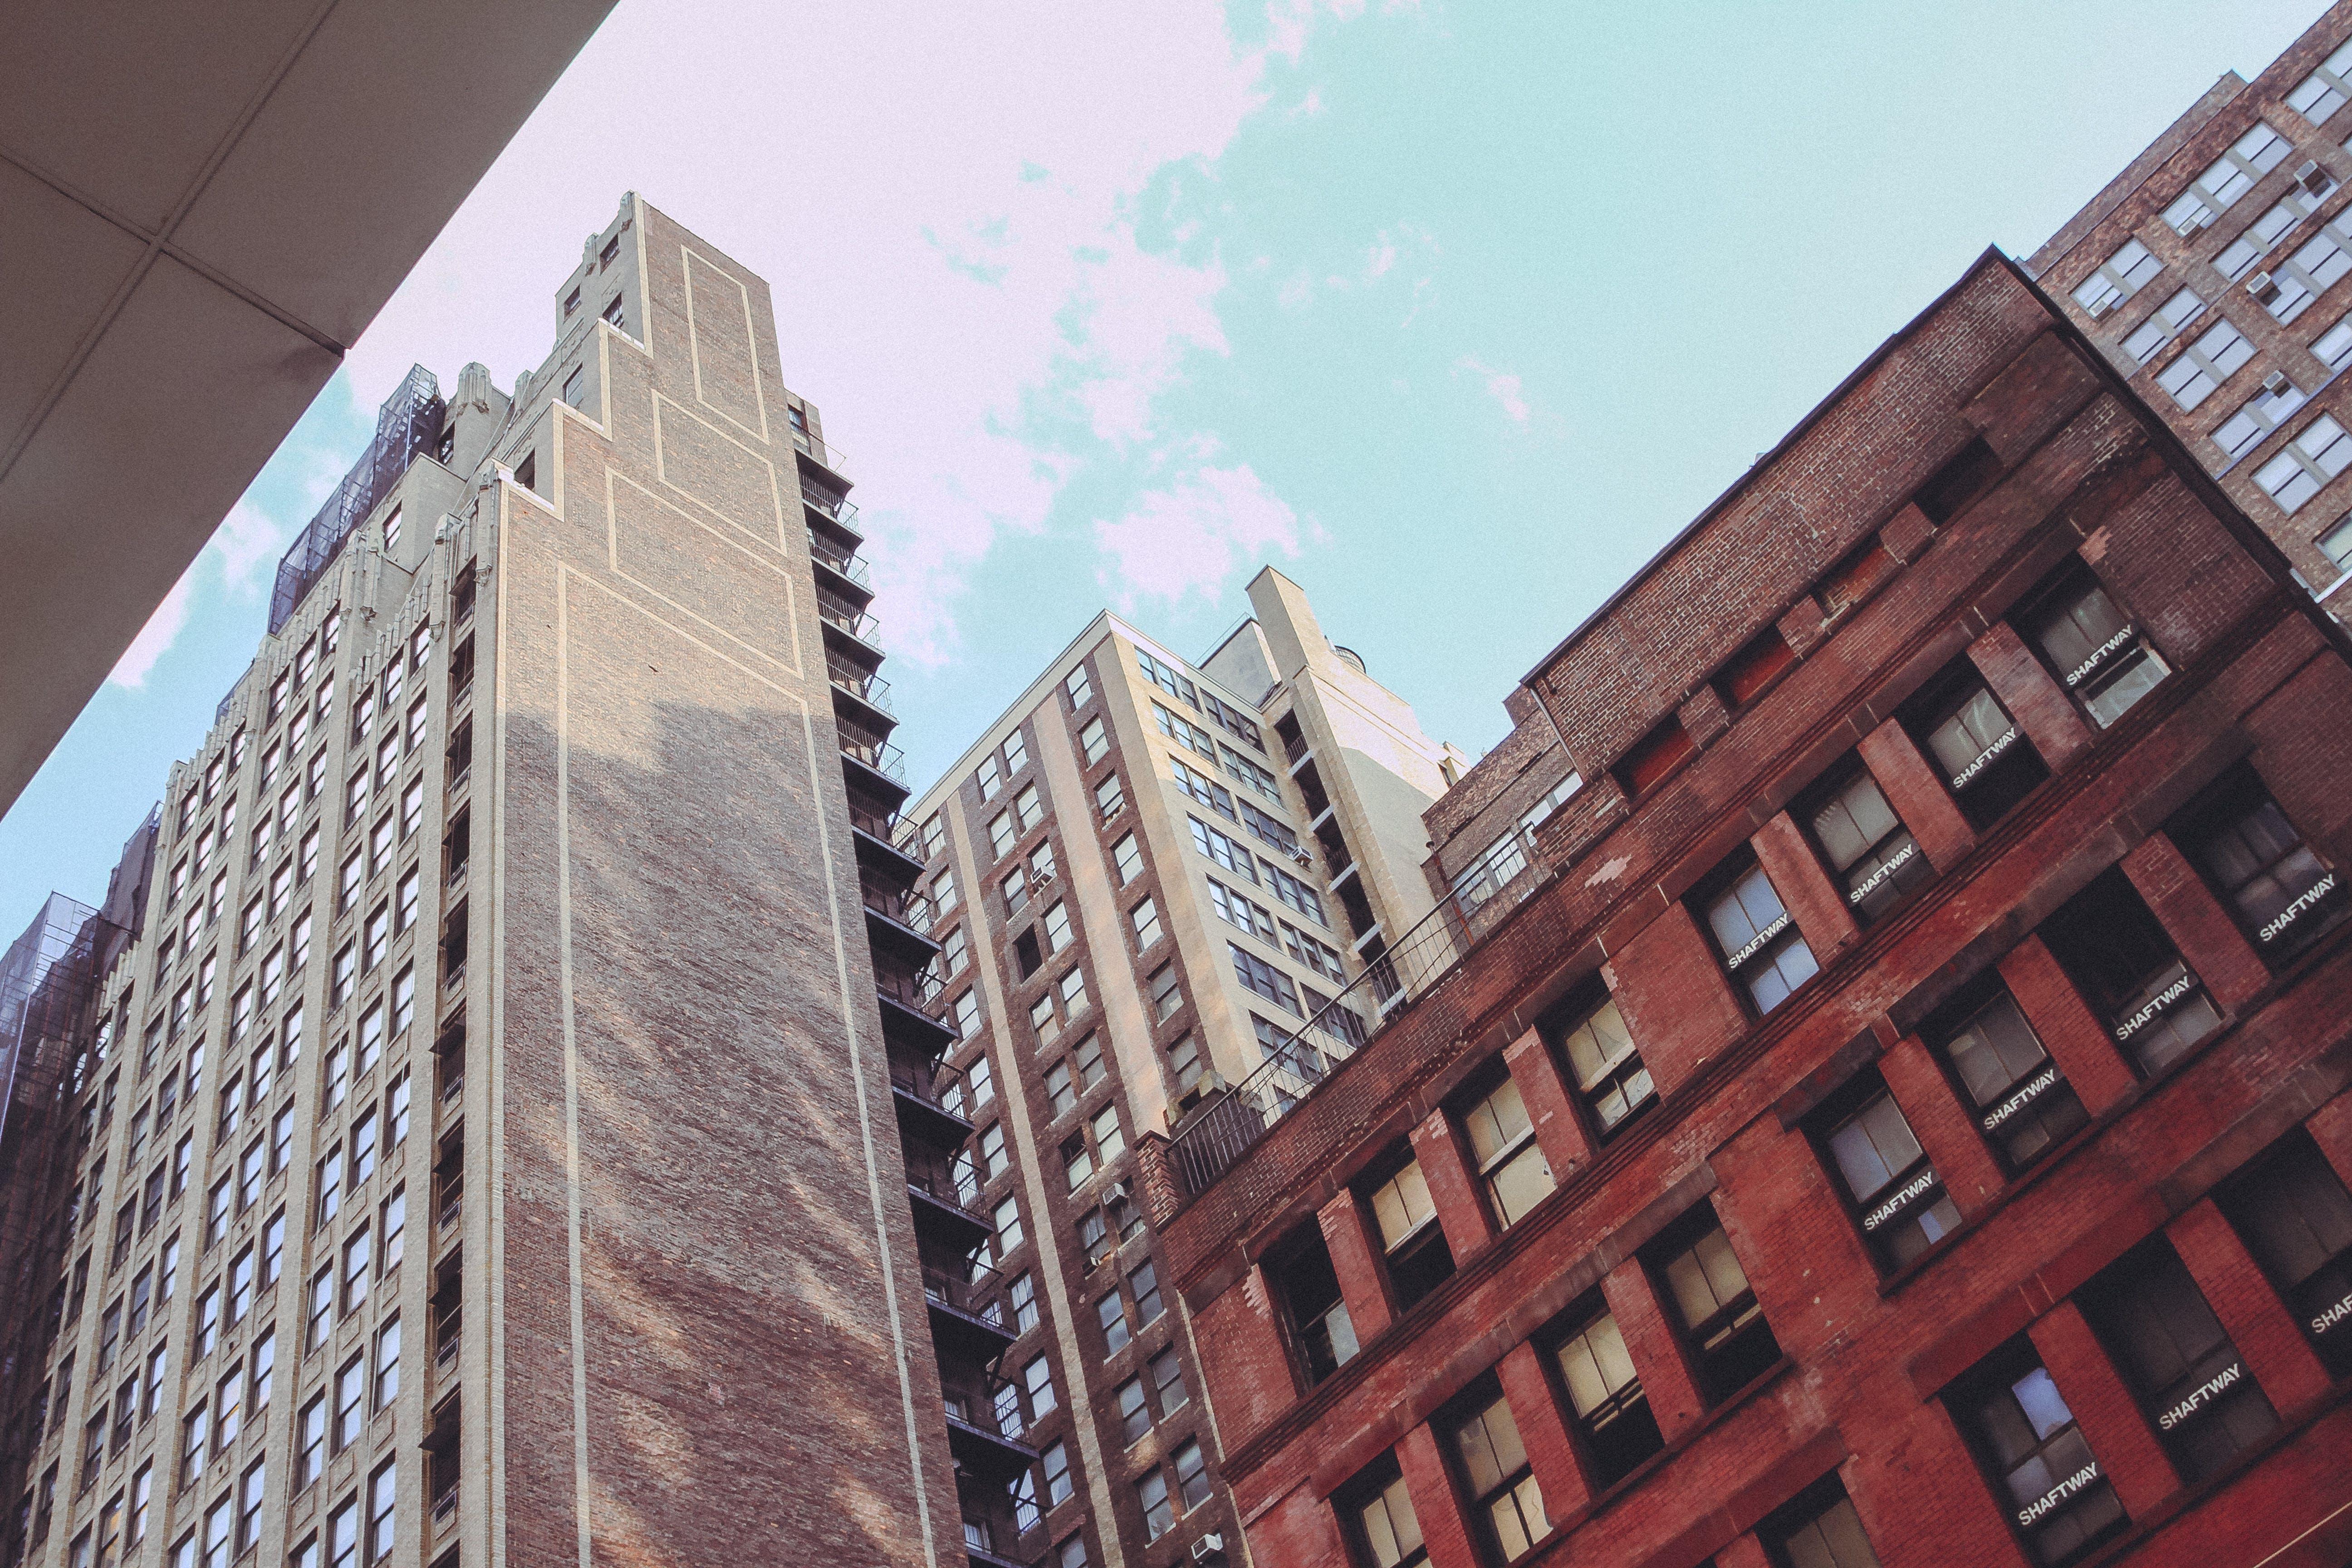 architektur, gebäude, manhattan